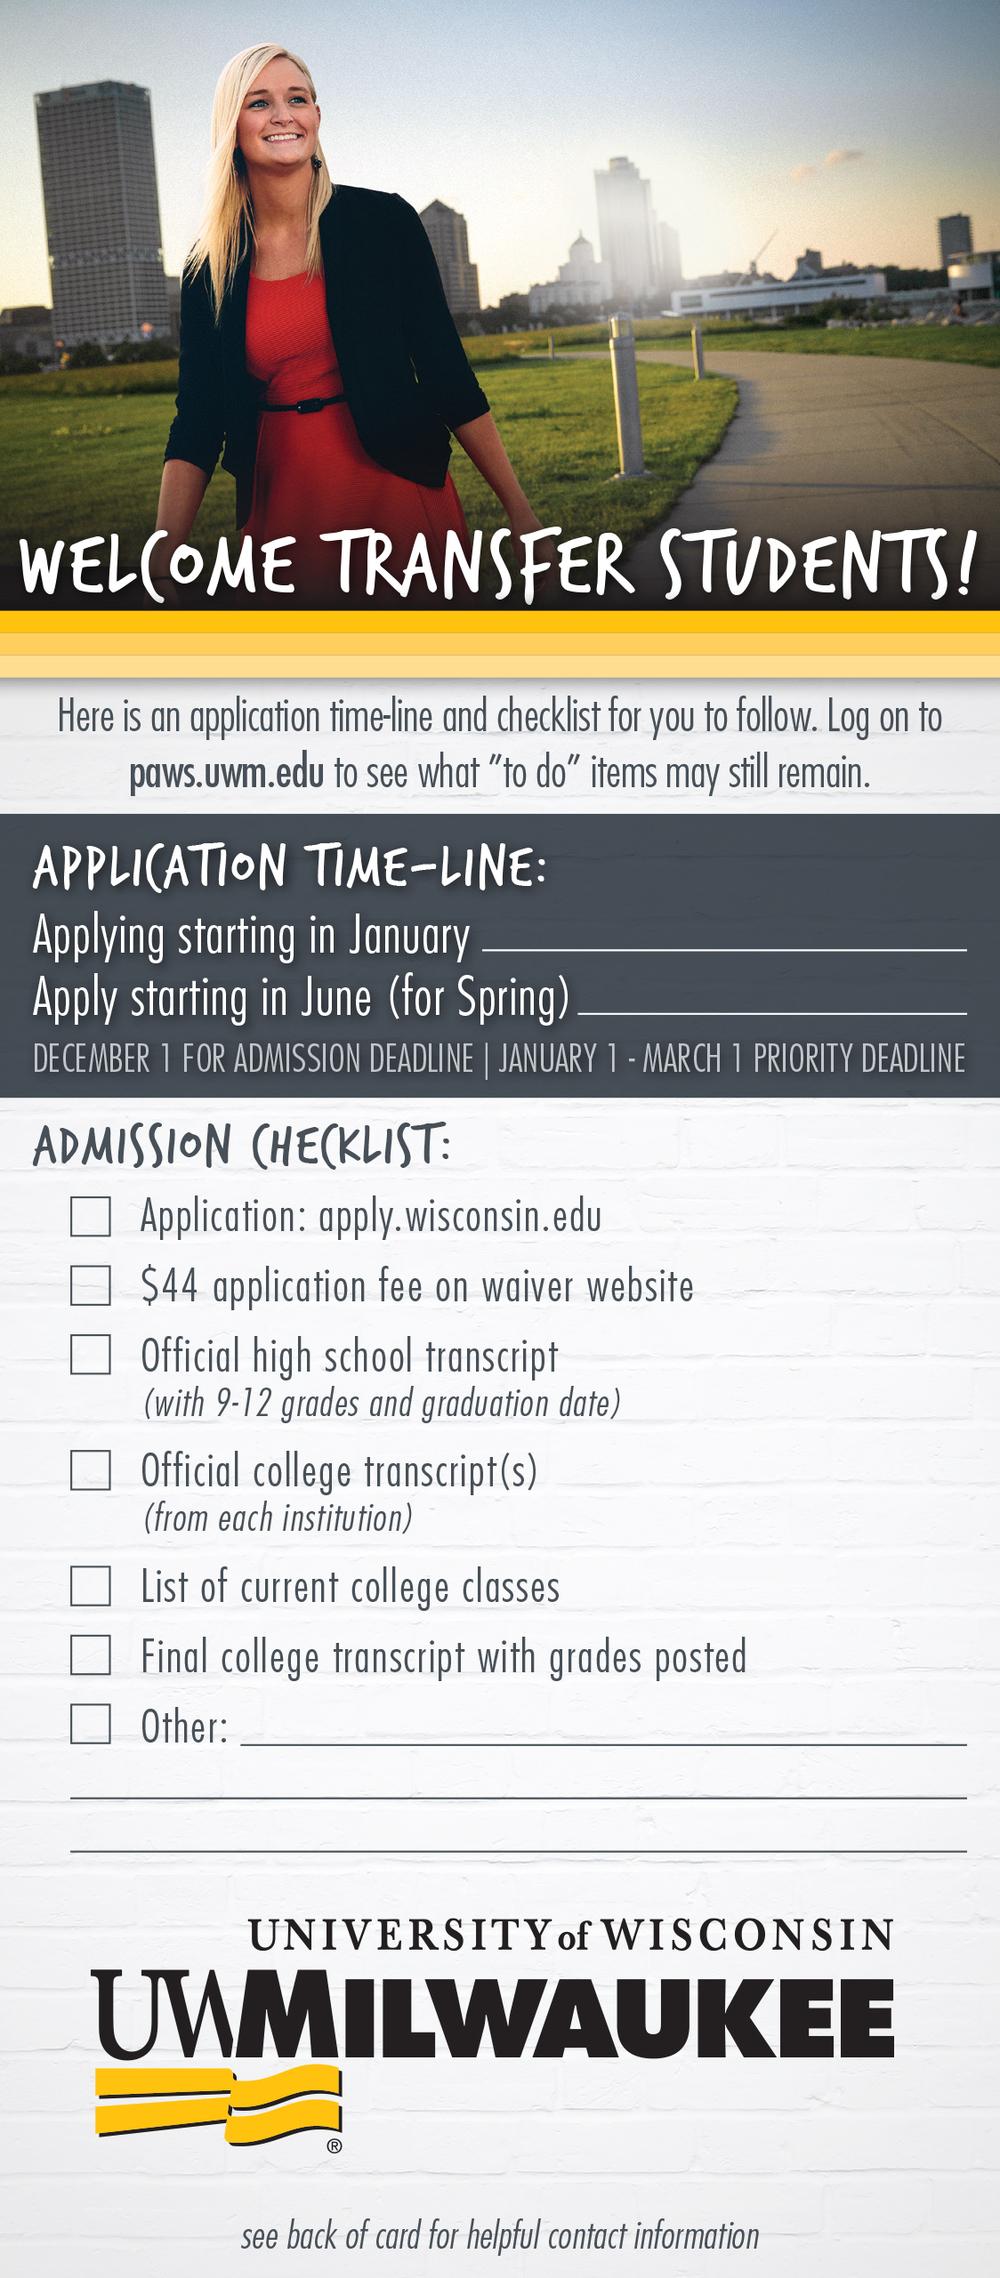 Transfer-Student-Checklist-02.jpg